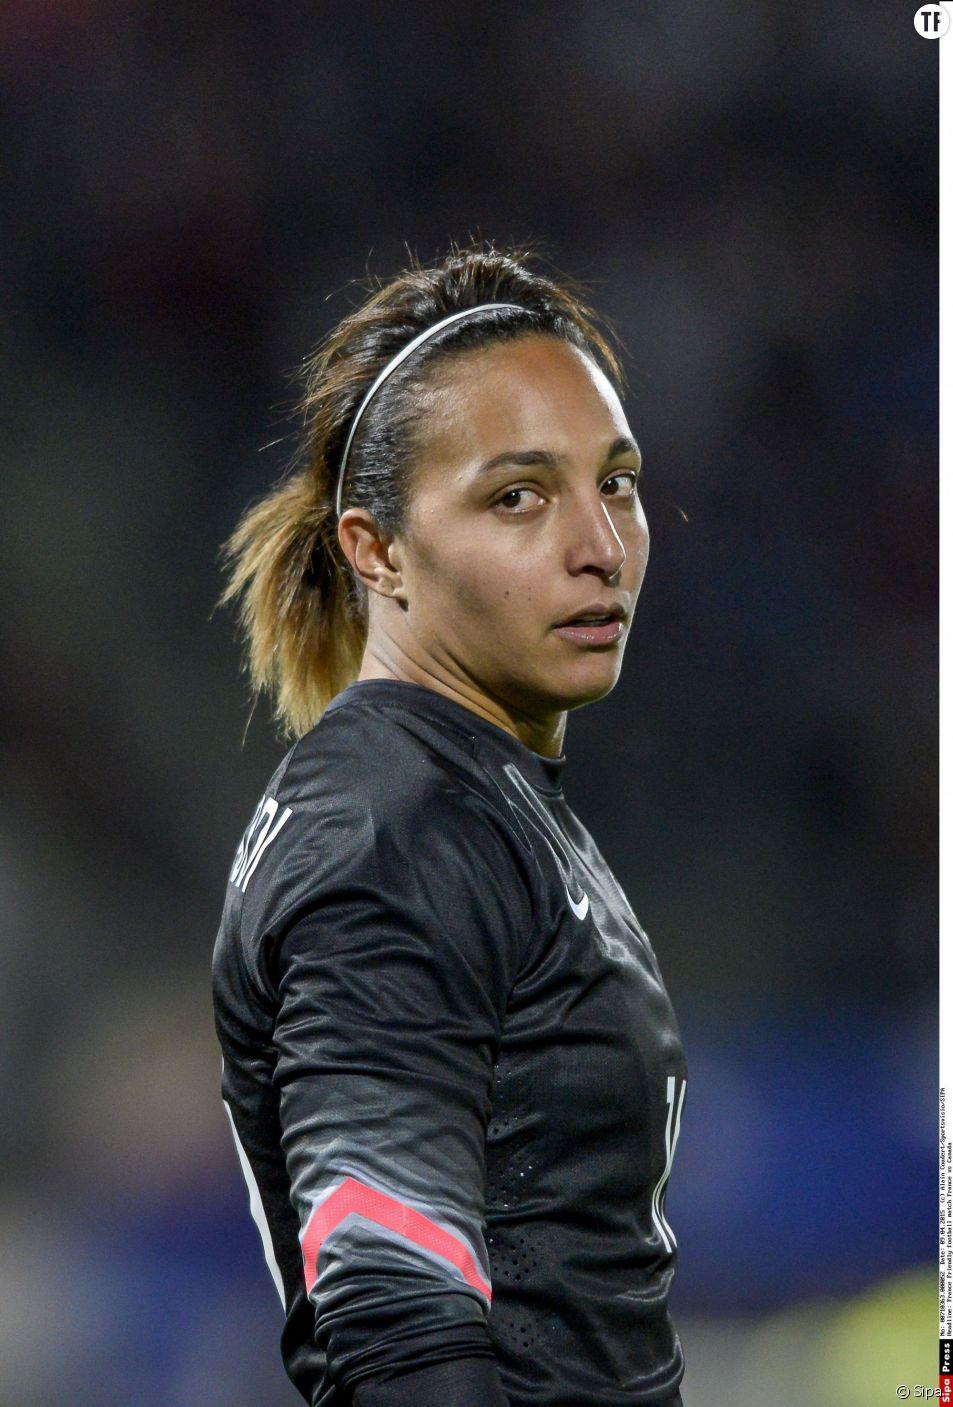 Sarah Bouhaddi : gardienne de but. A 28 ans, la native de Cannes et ses 1m75 comptent 94 sélections en équipe de France. Elle évolue dans le club de l'Olympique Lyonnais.